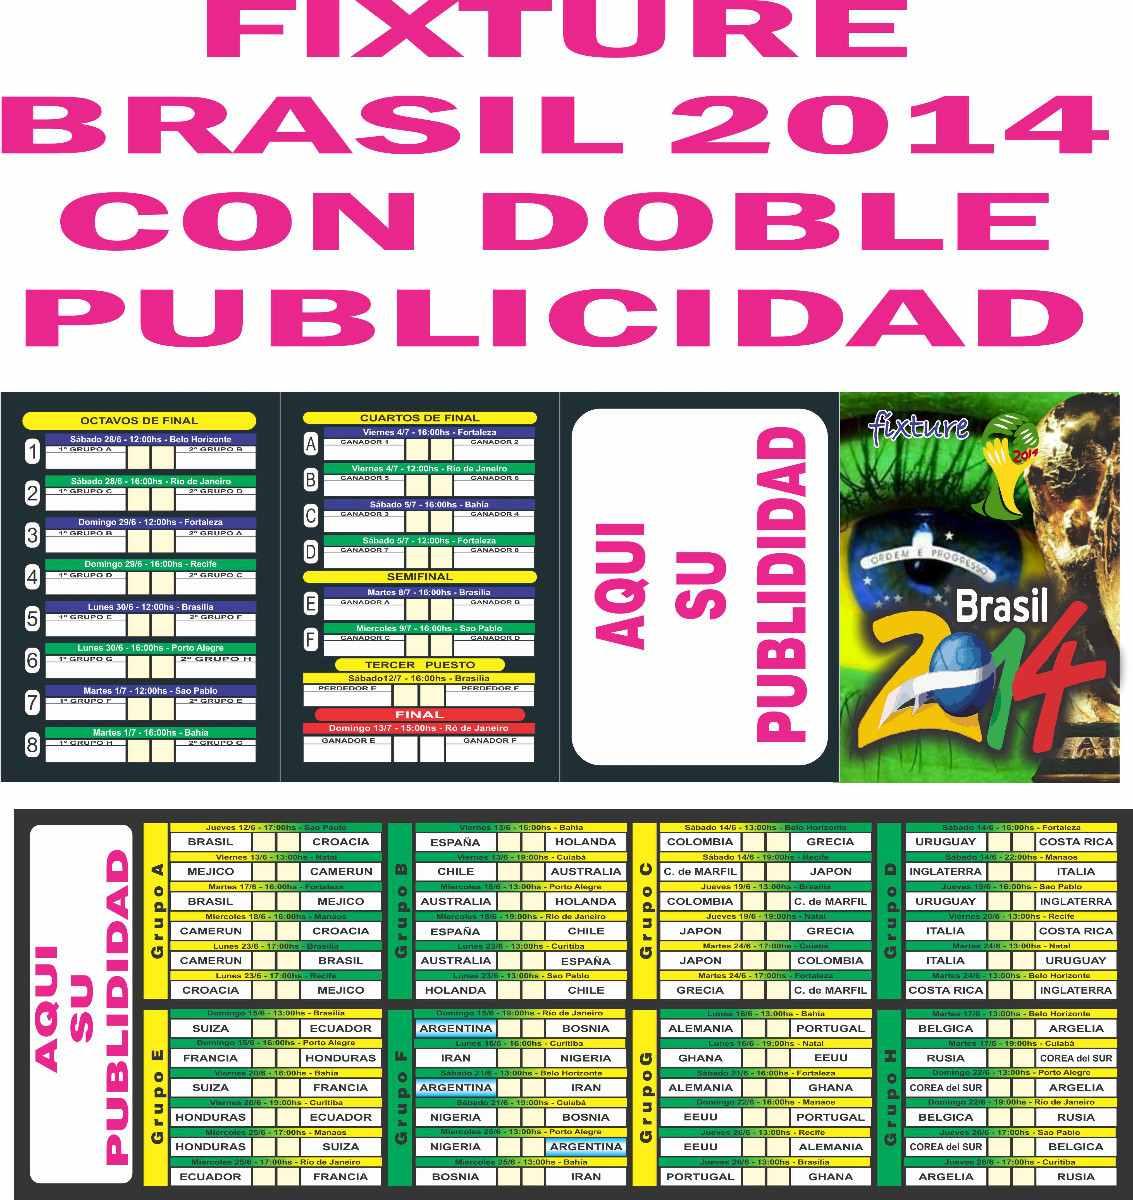 fixture-mundial-2014-full-color-publicidad-full-color-10149-MLA20024857020_122013-F